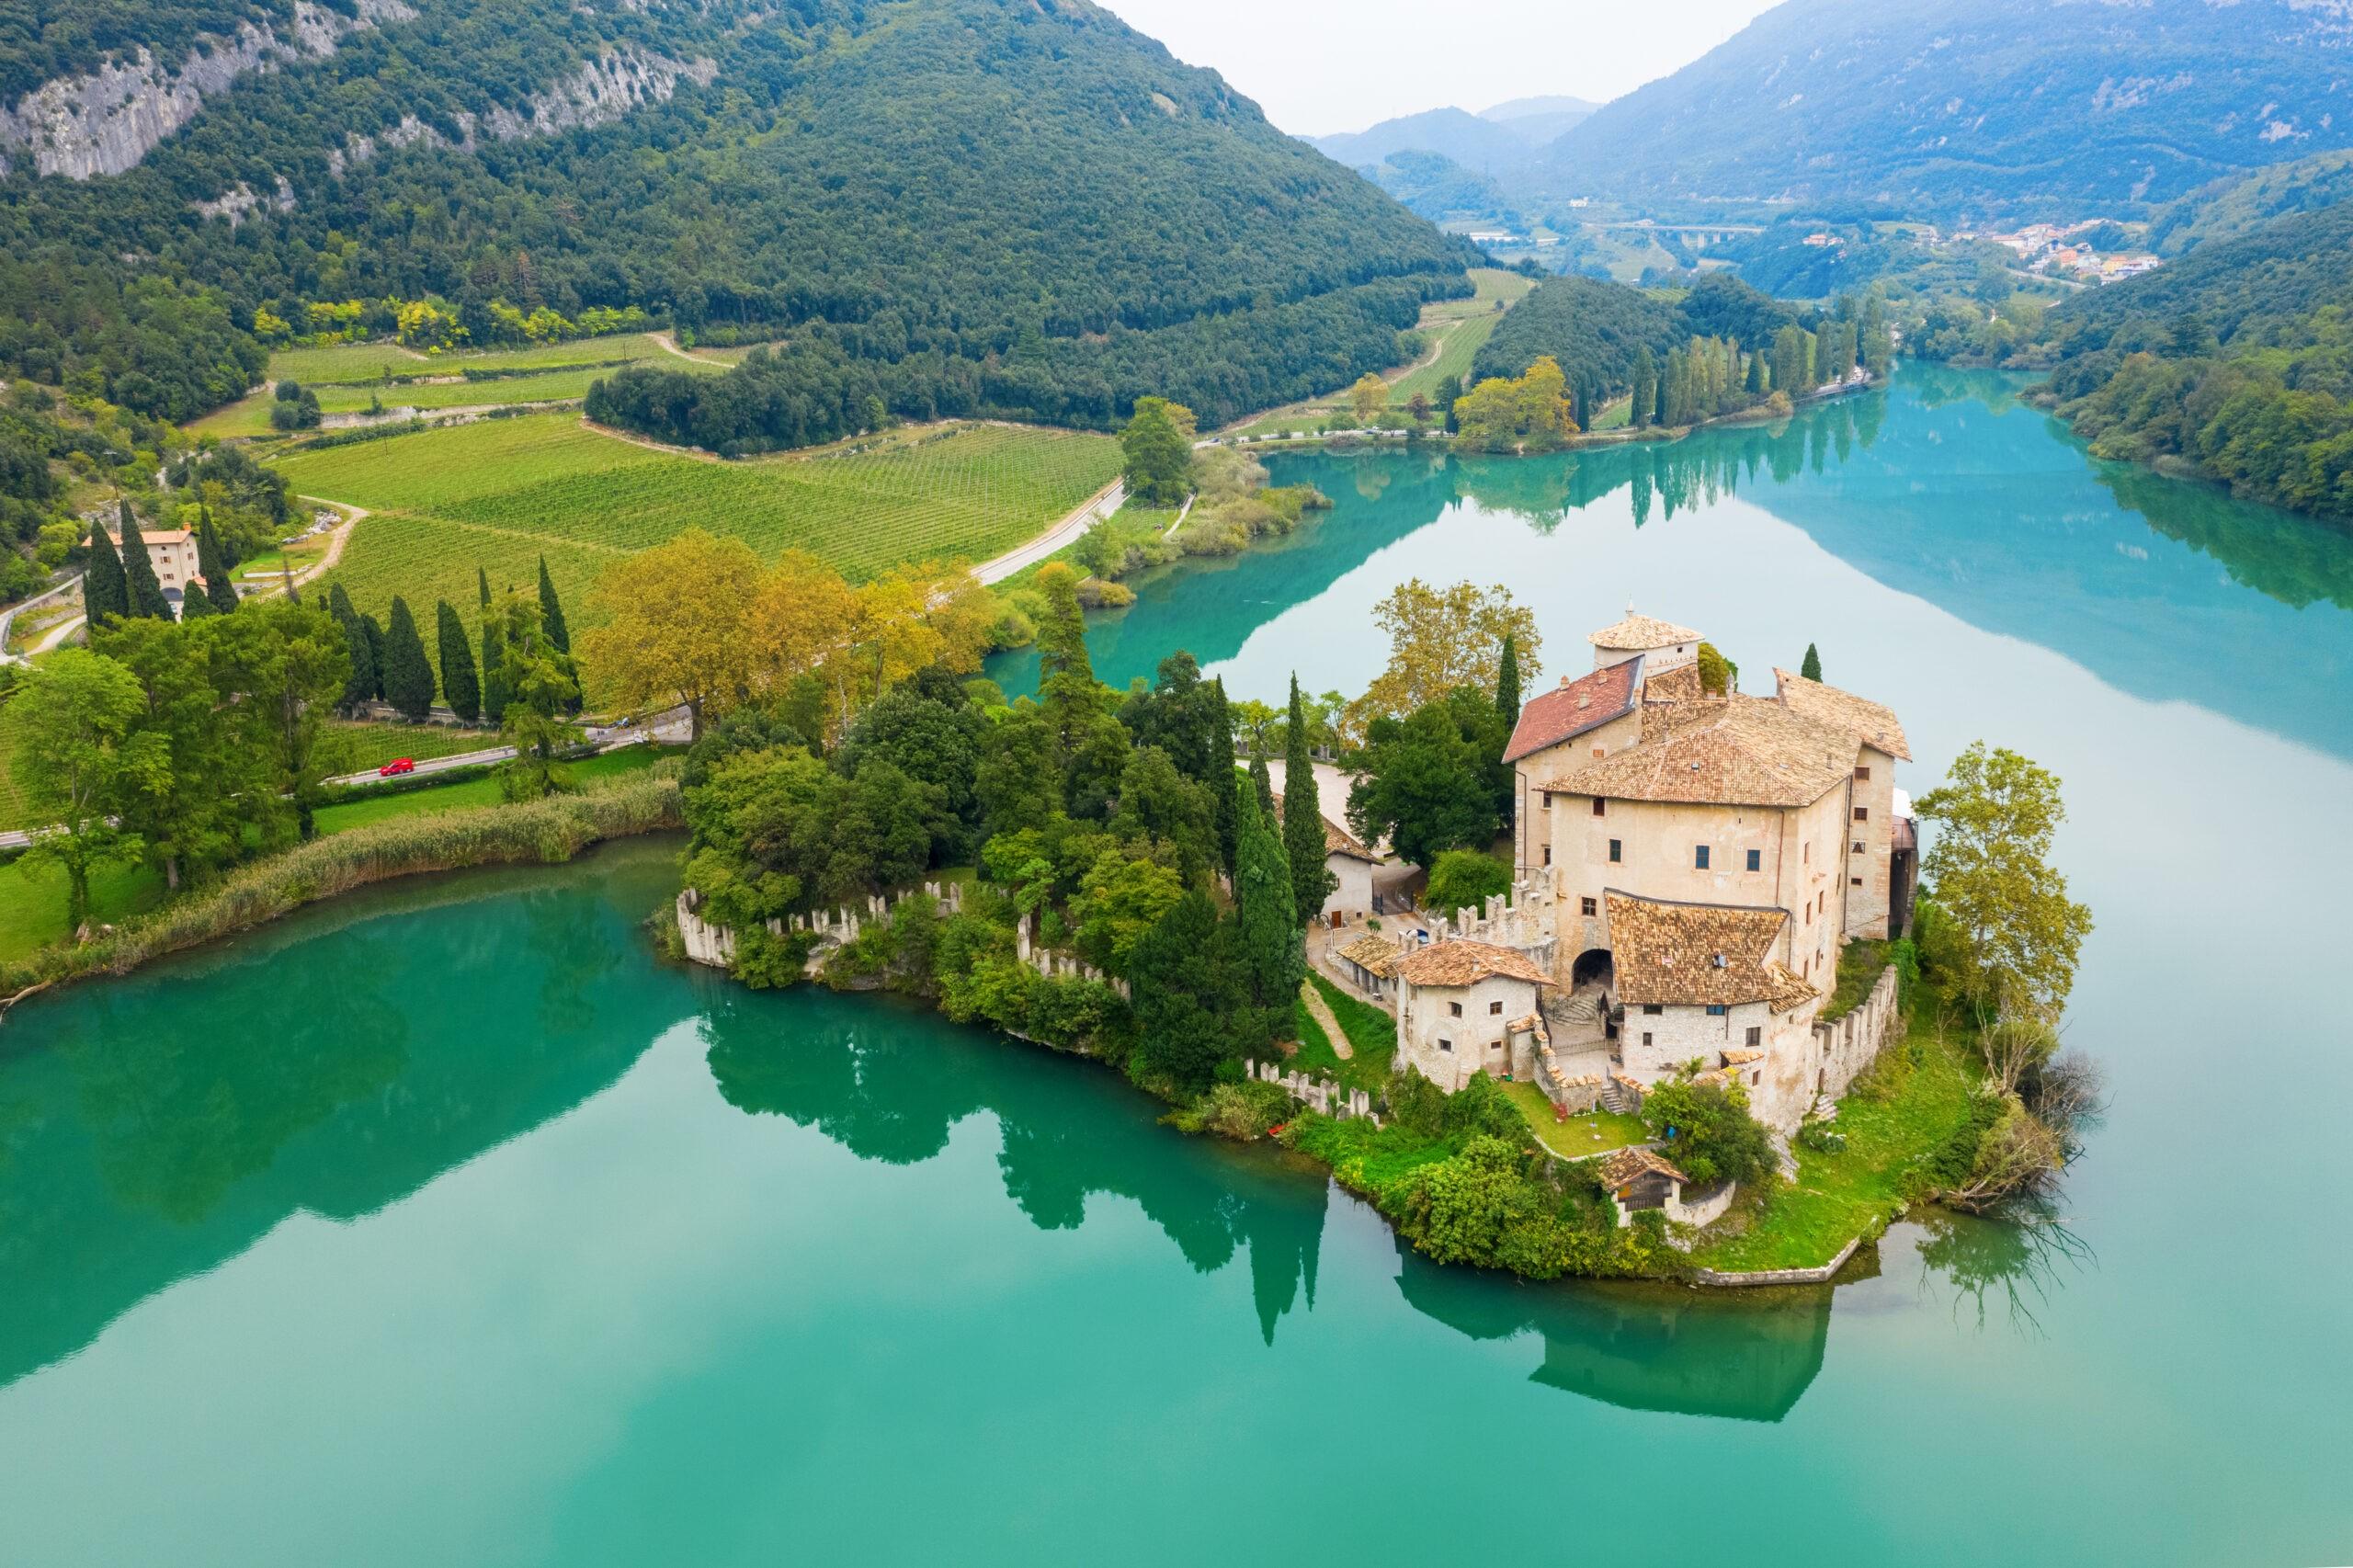 Calavino, Włochy. Zamek Toblino nad pięknym jeziorem., licencja: shutterstock/By Michaelspb